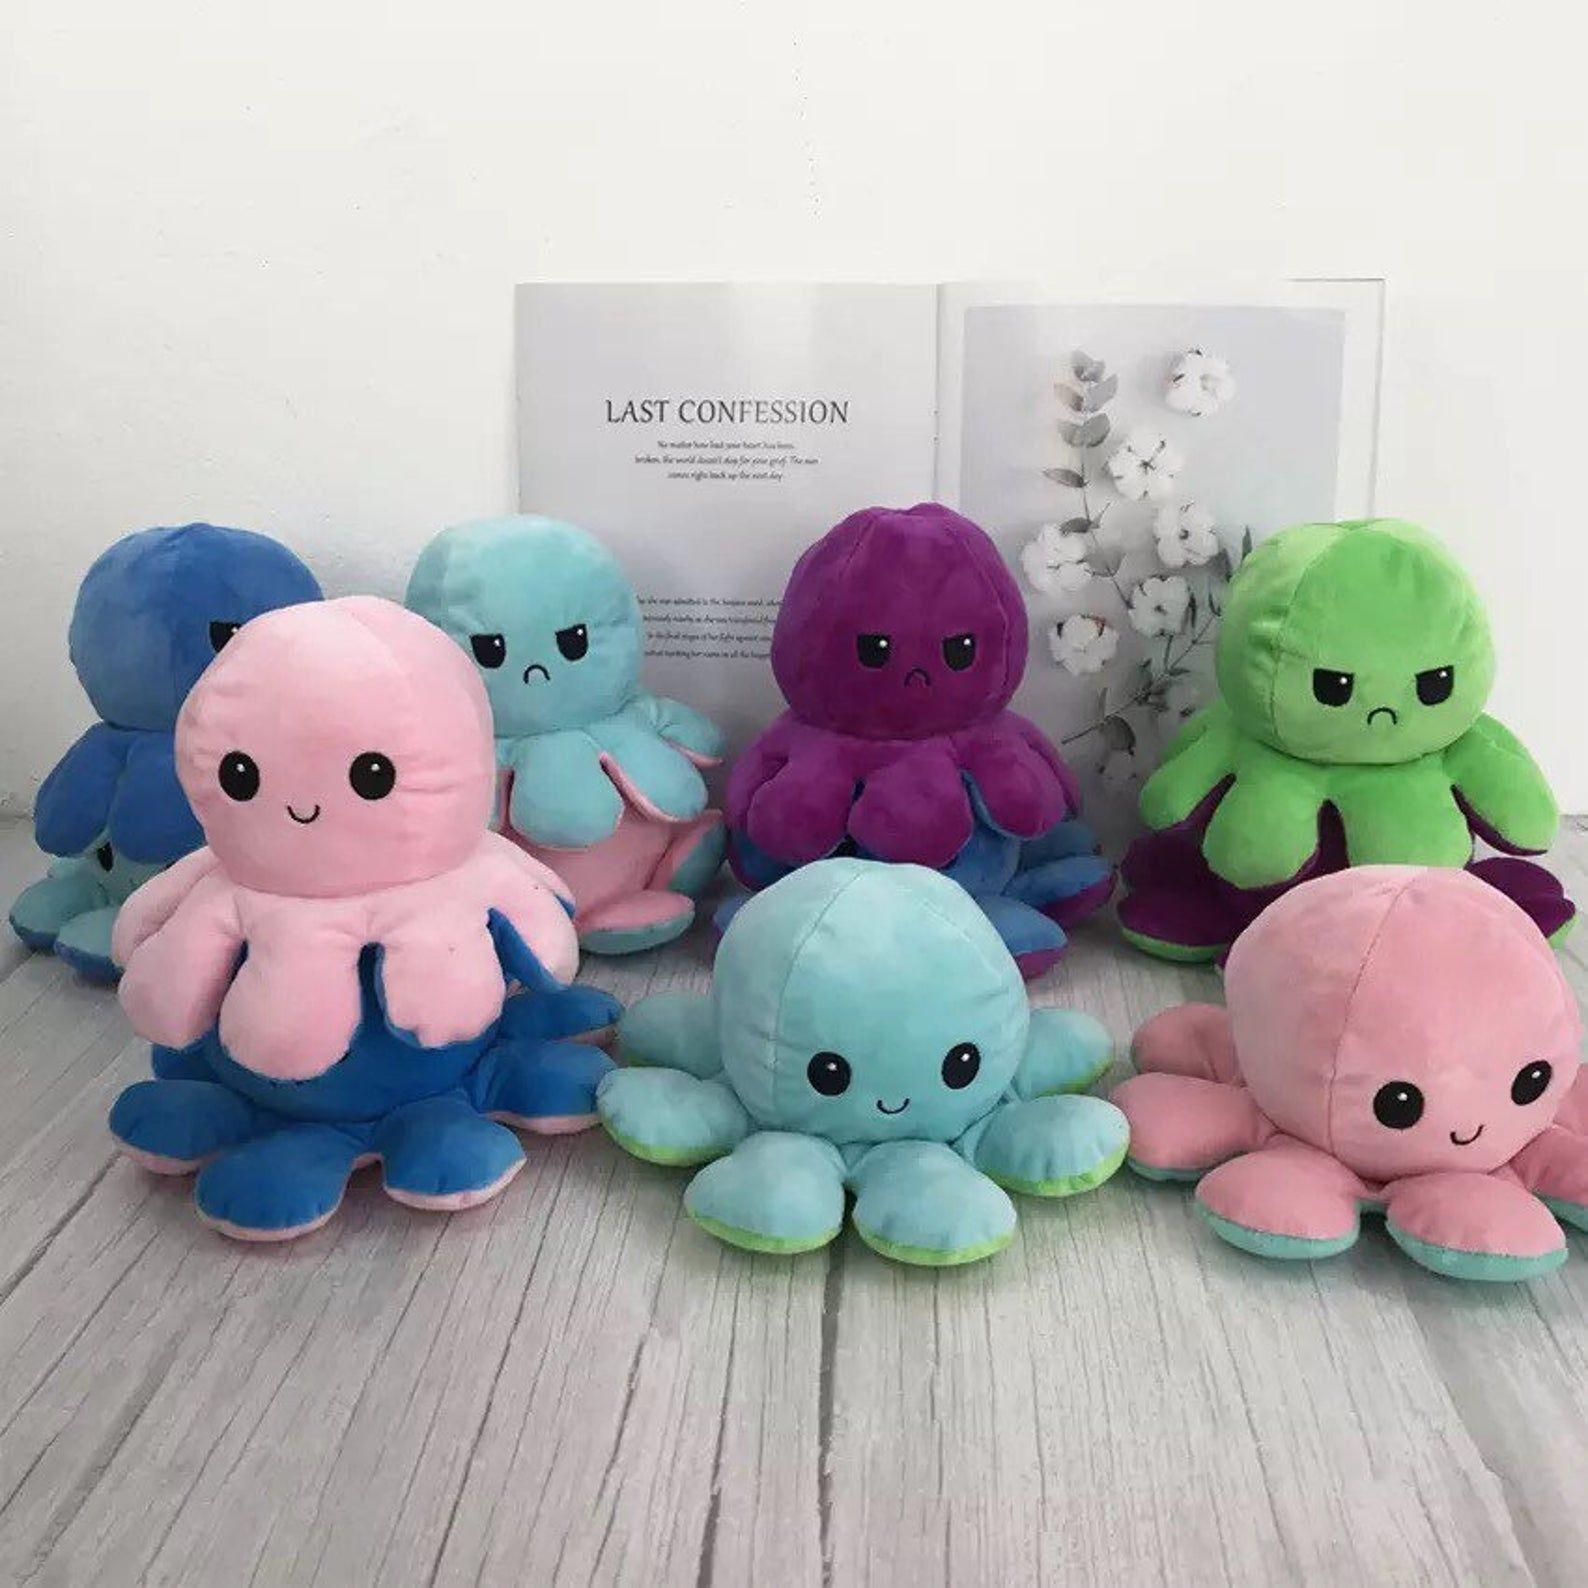 Reversible Tiktok Emotional Octopus Plushie Toy Viral Octopus Plush Animal Dolls Plush Toy